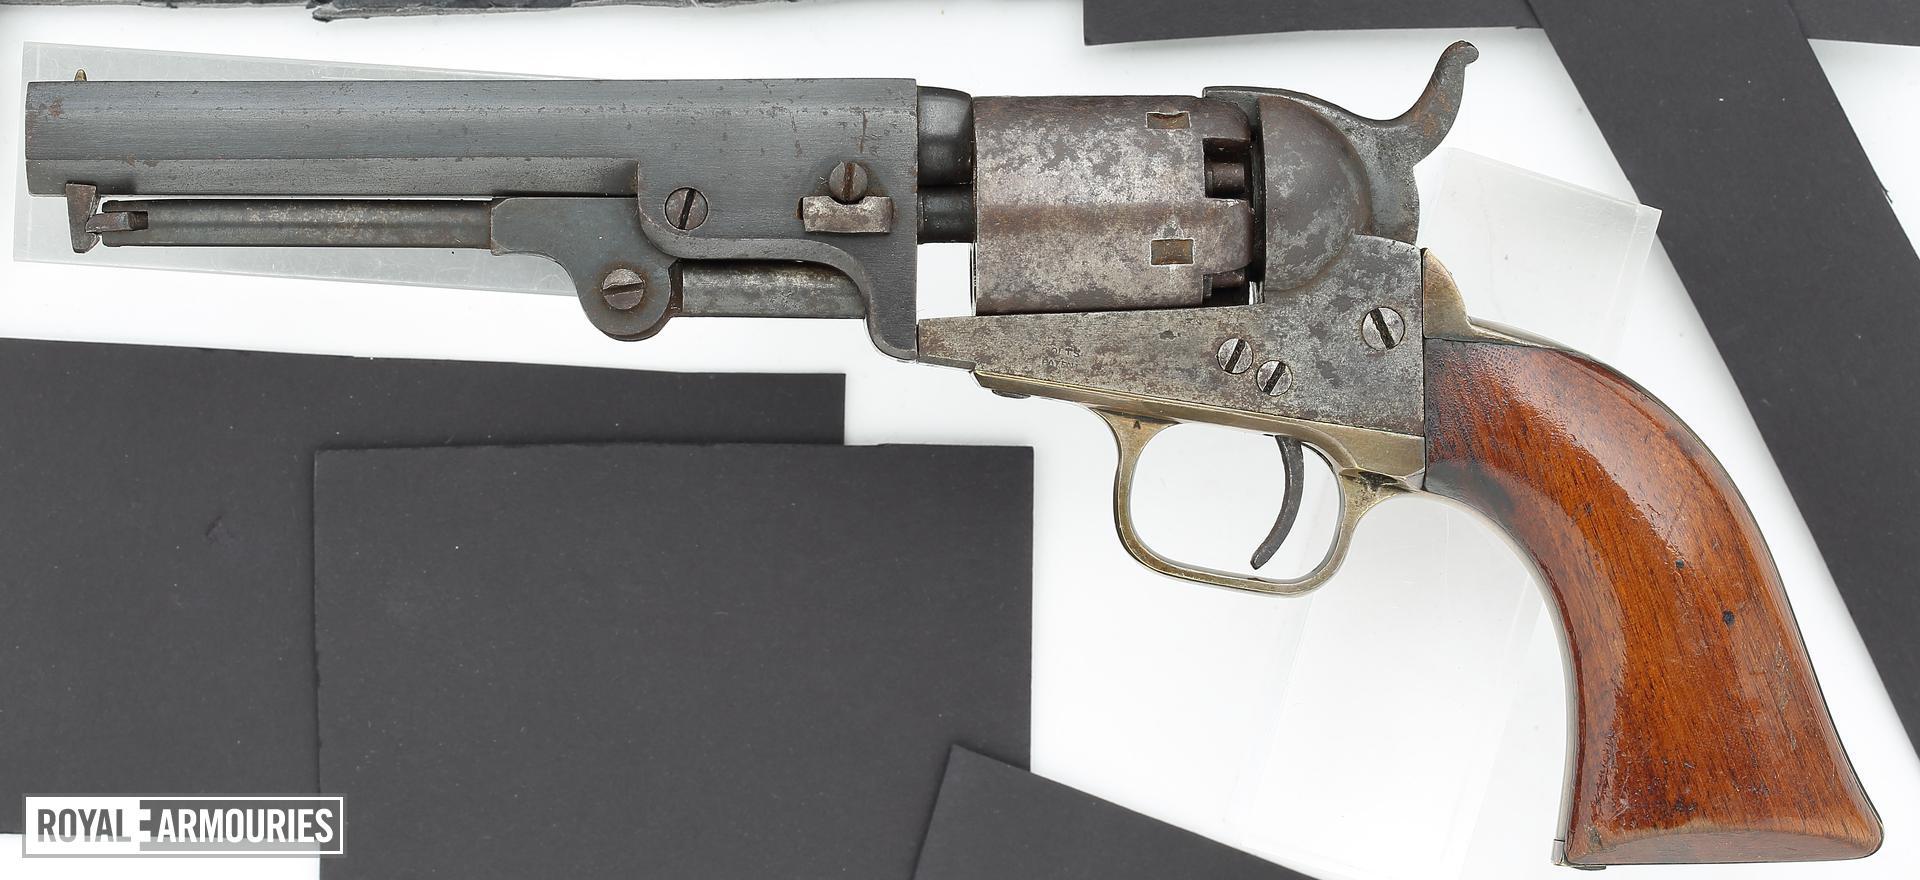 Percussion six-shot revolver - Colt Pocket Model 1849